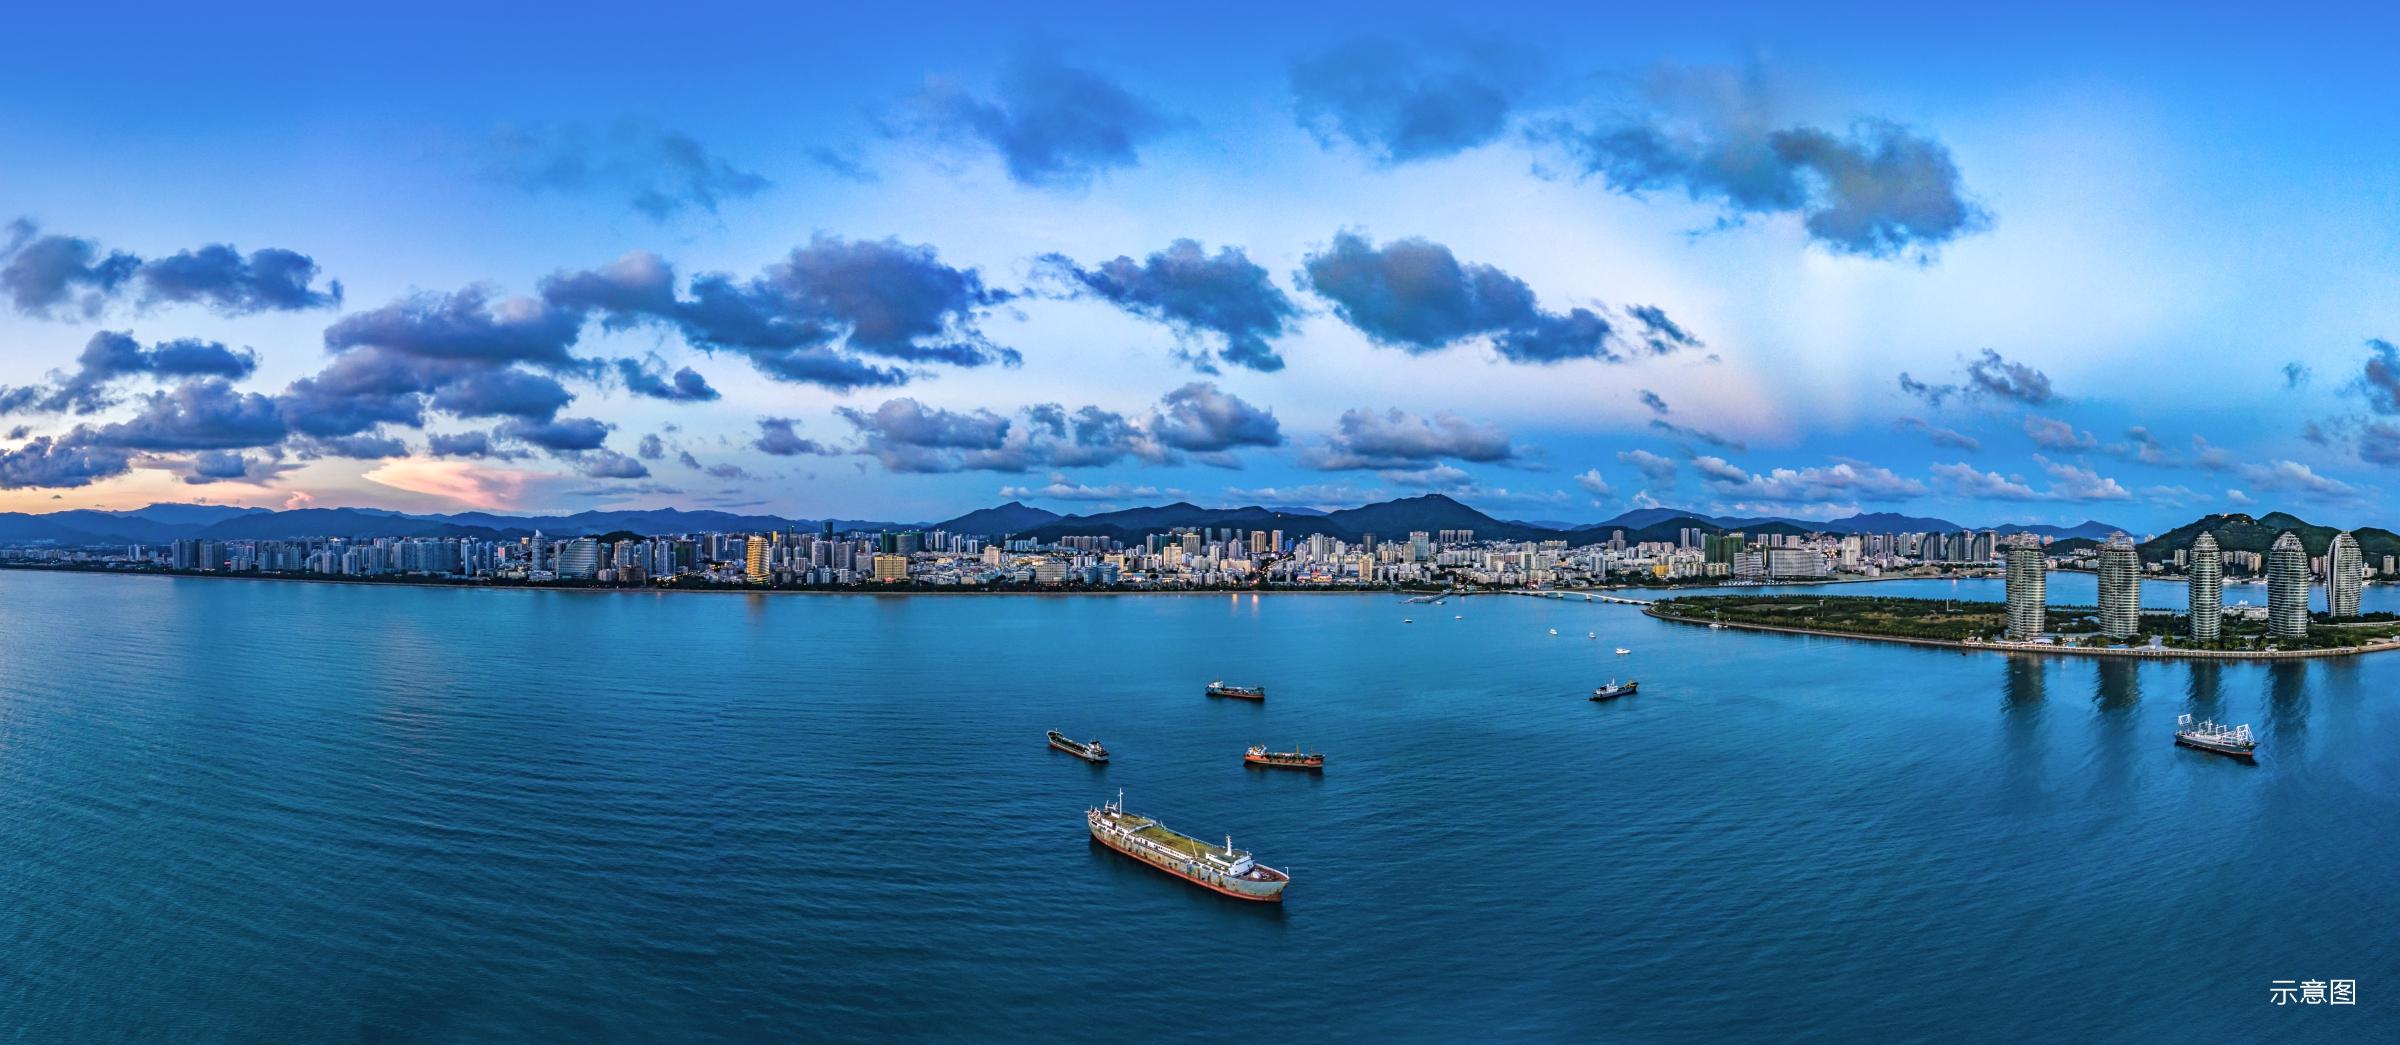 海口市宜居环境实景图